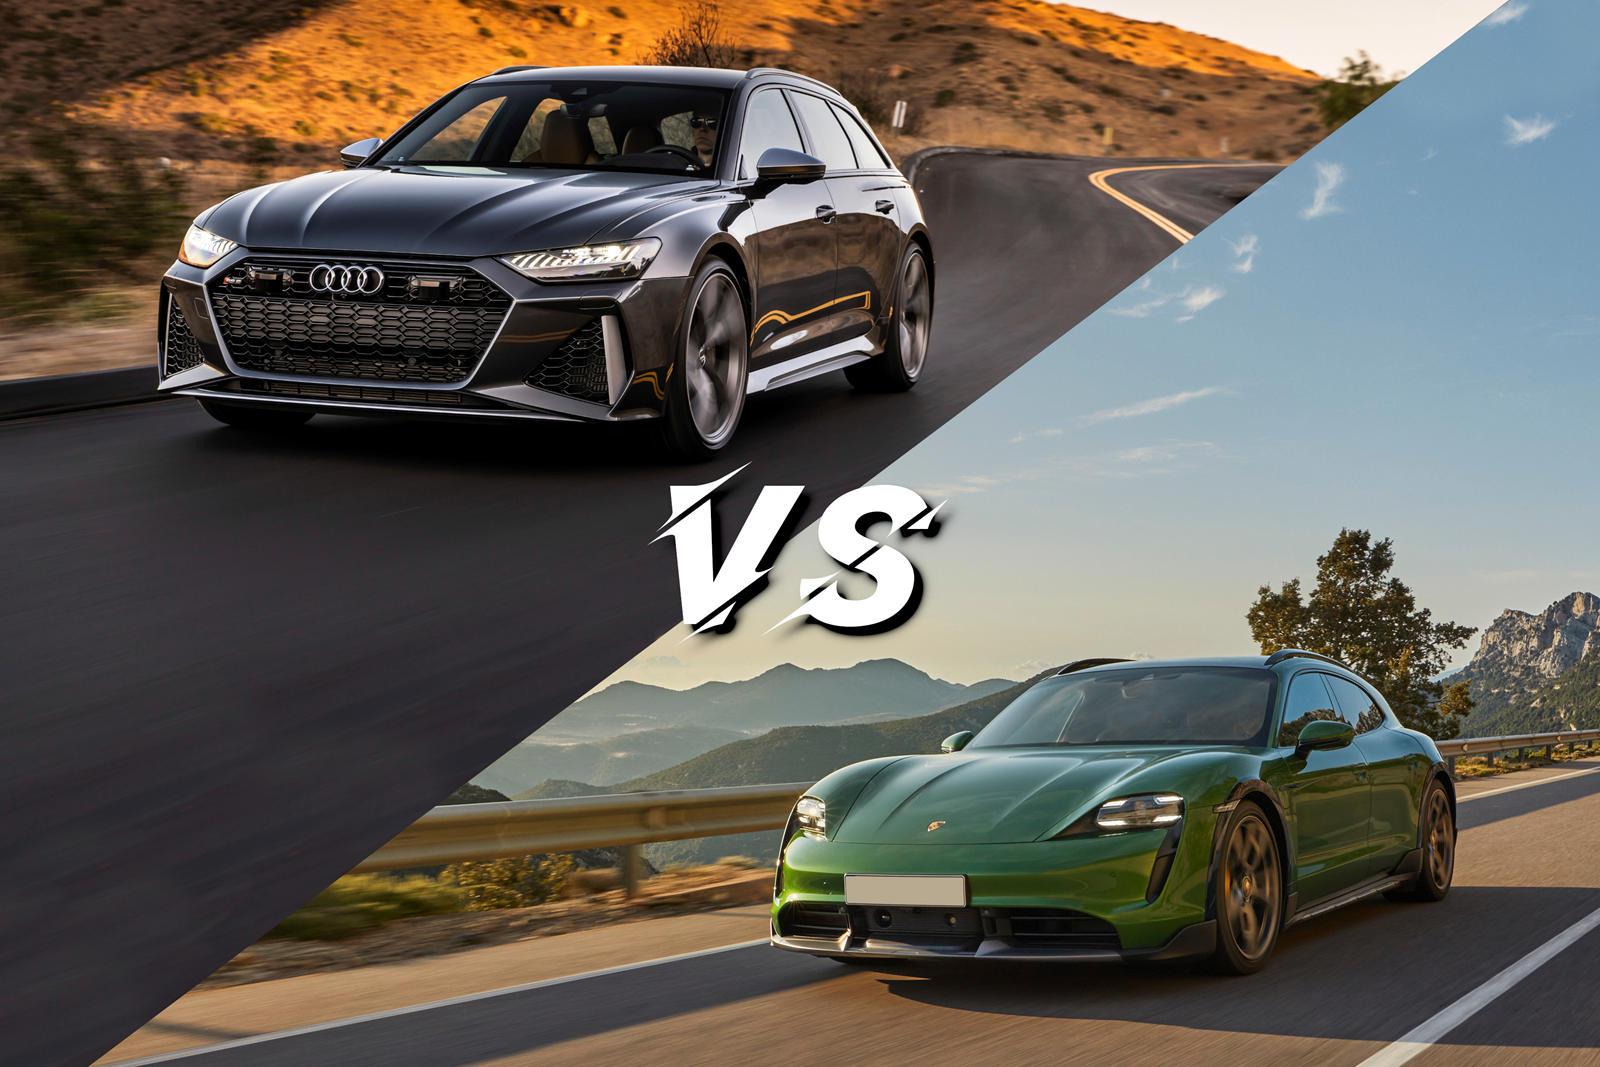 Comparison: Porsche Taycan Turbo Cross Turismo Vs. Audi RS6 Avant